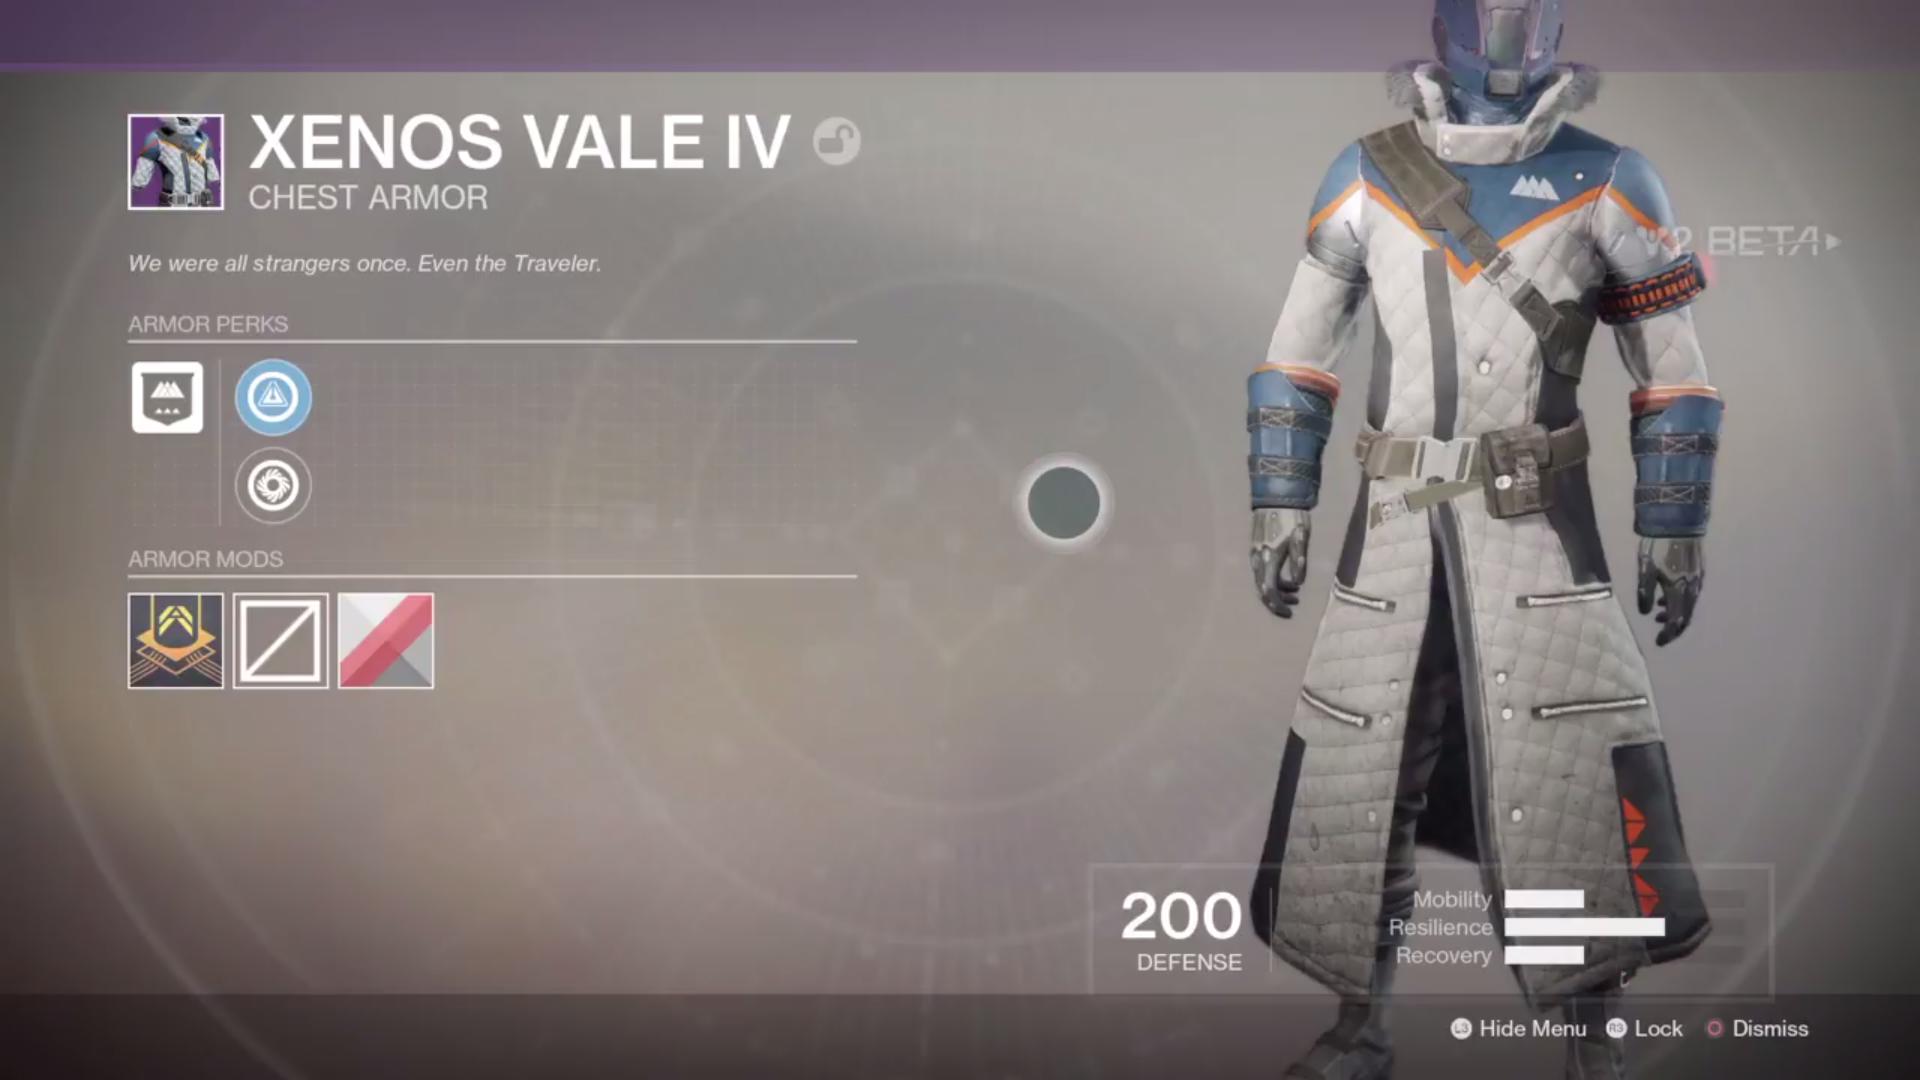 destiny 2 beta xenos vale IV chest